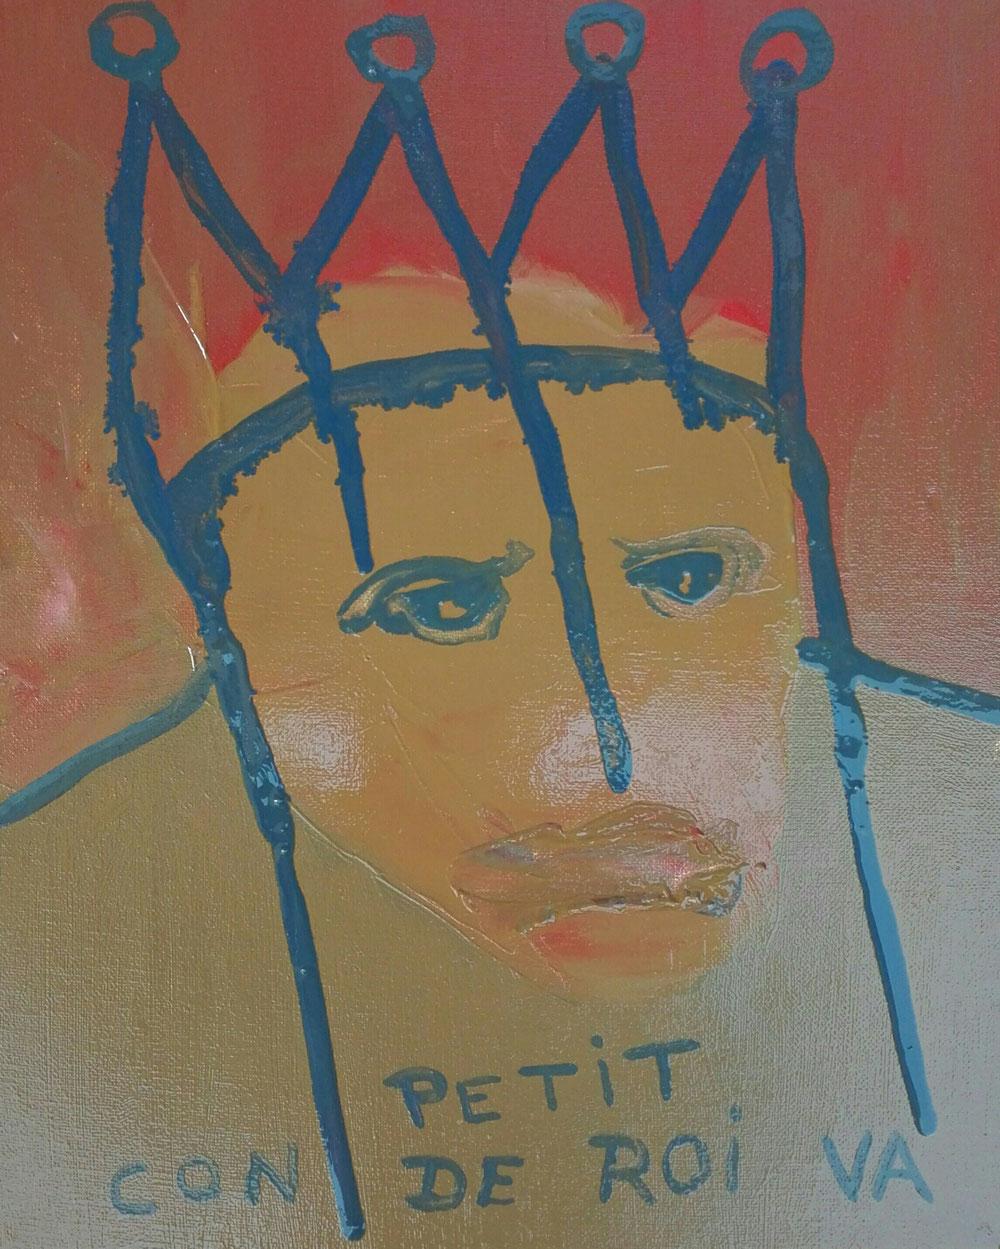 SOLD - 'Petit con de roi' - oil on linen canvas - 2020 - 22x27cm